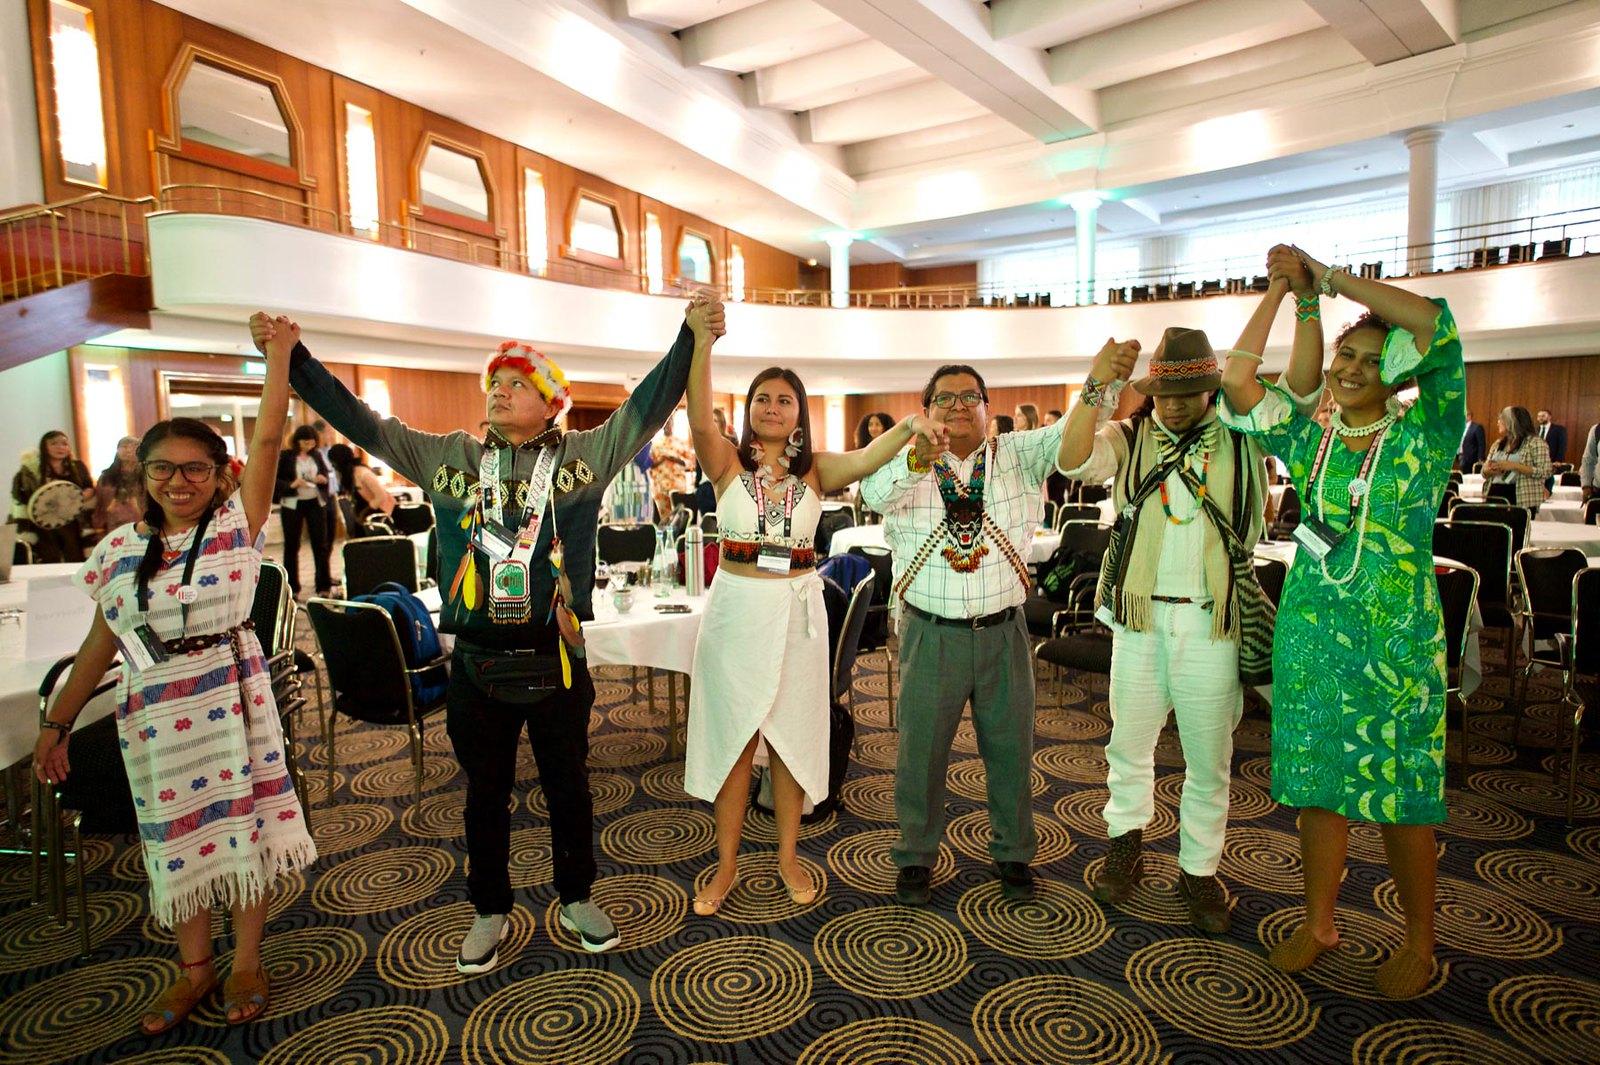 Los pueblos indígenas son esenciales para resolver la crisis climática y proteger los bosques